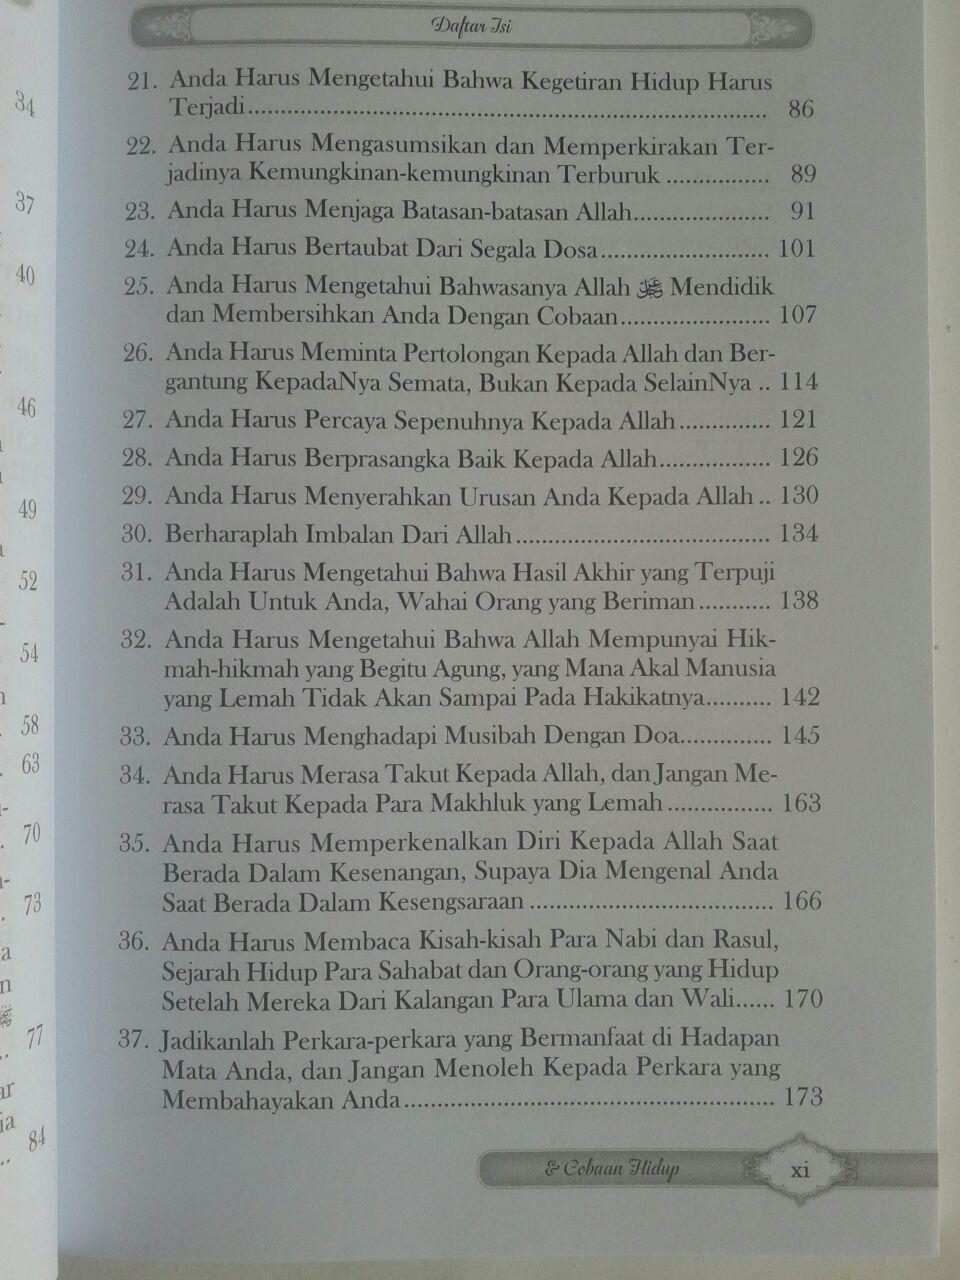 Buku Menghadapi Ujian Dan Cobaan Hidup Dalam Bimbingan Quran Sunnah isi 3